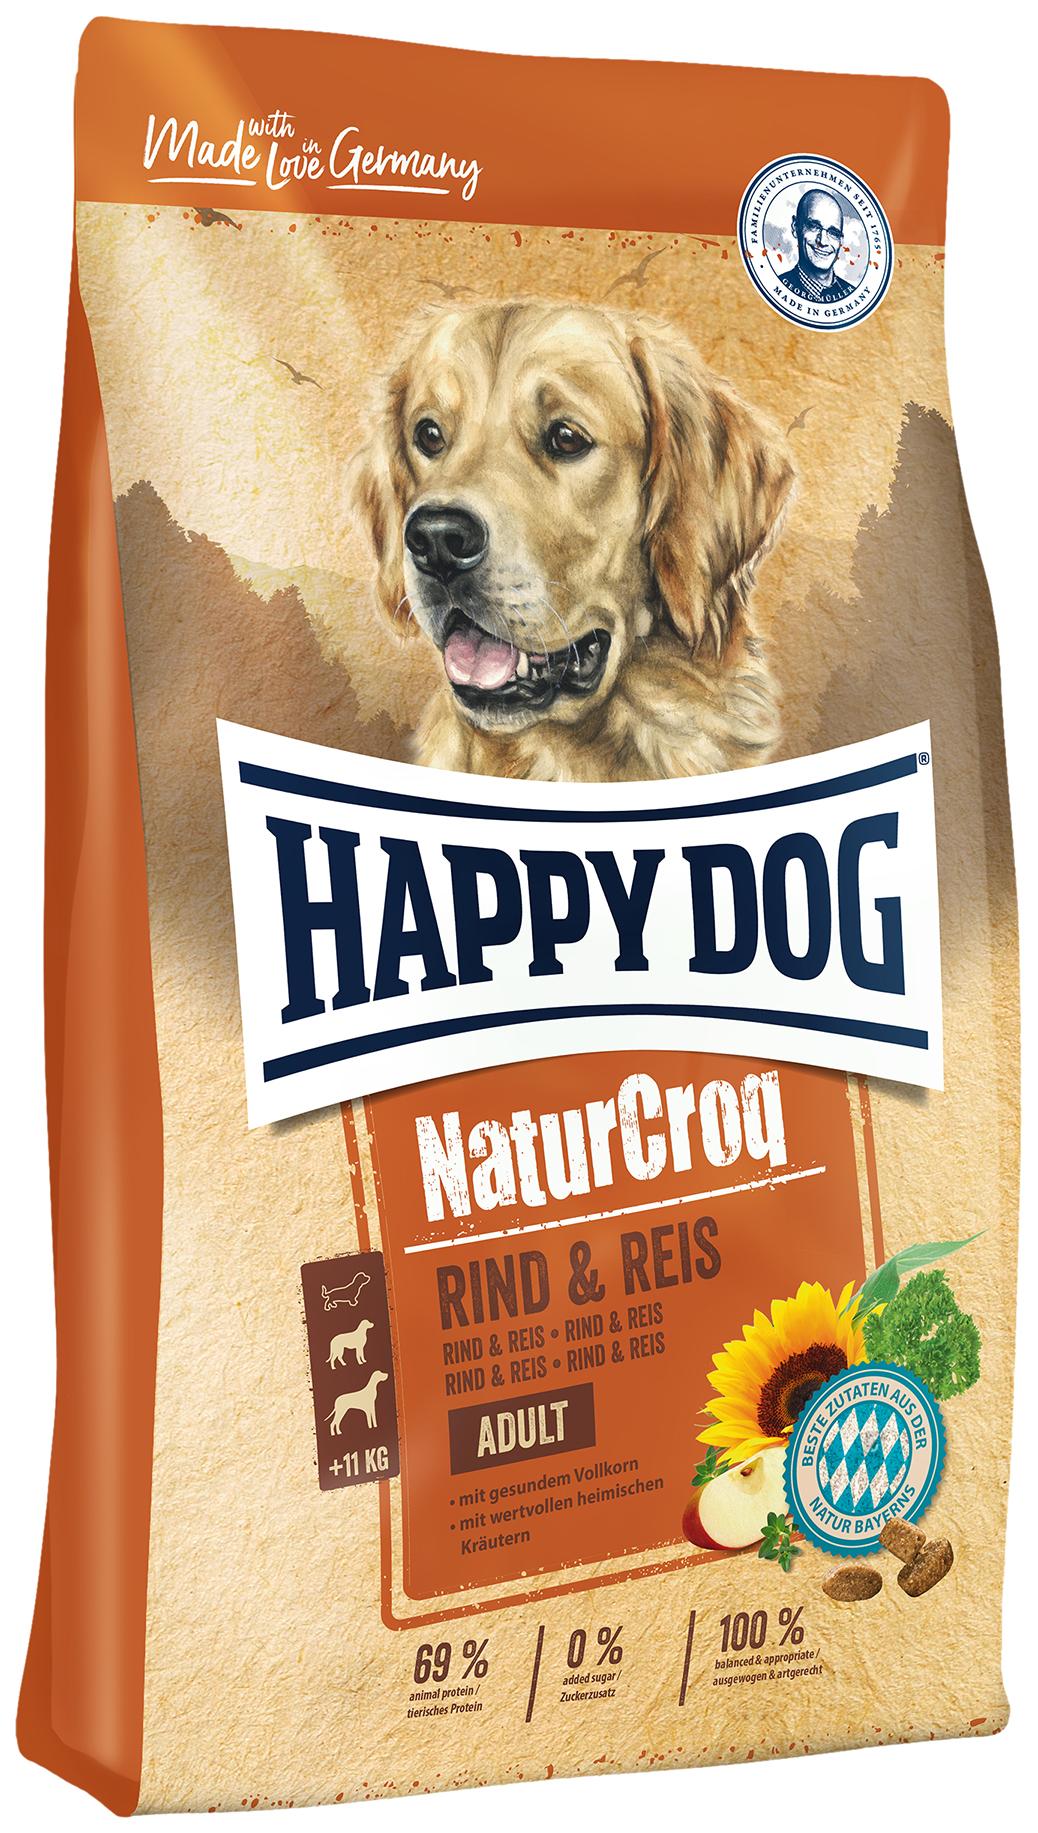 Сухой корм для собак Happy Dog NatureCroq Adult, говядина, рис, 15кг